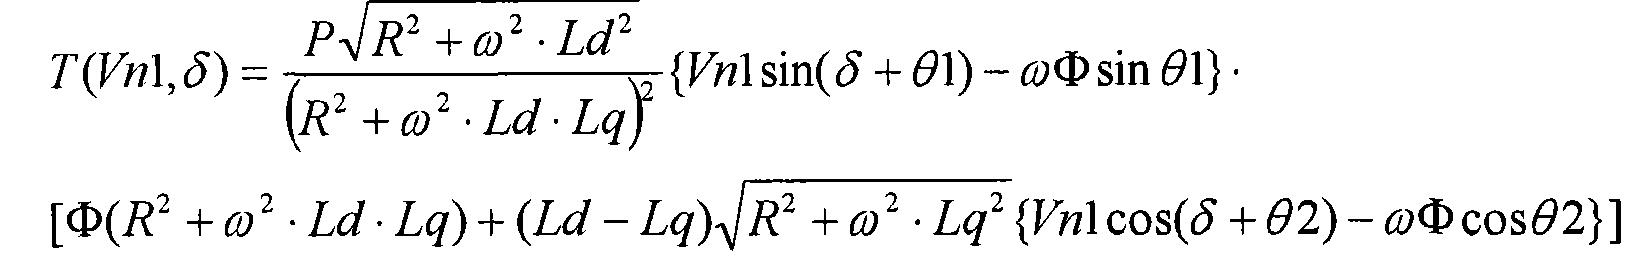 Figure CN101540581BD00174